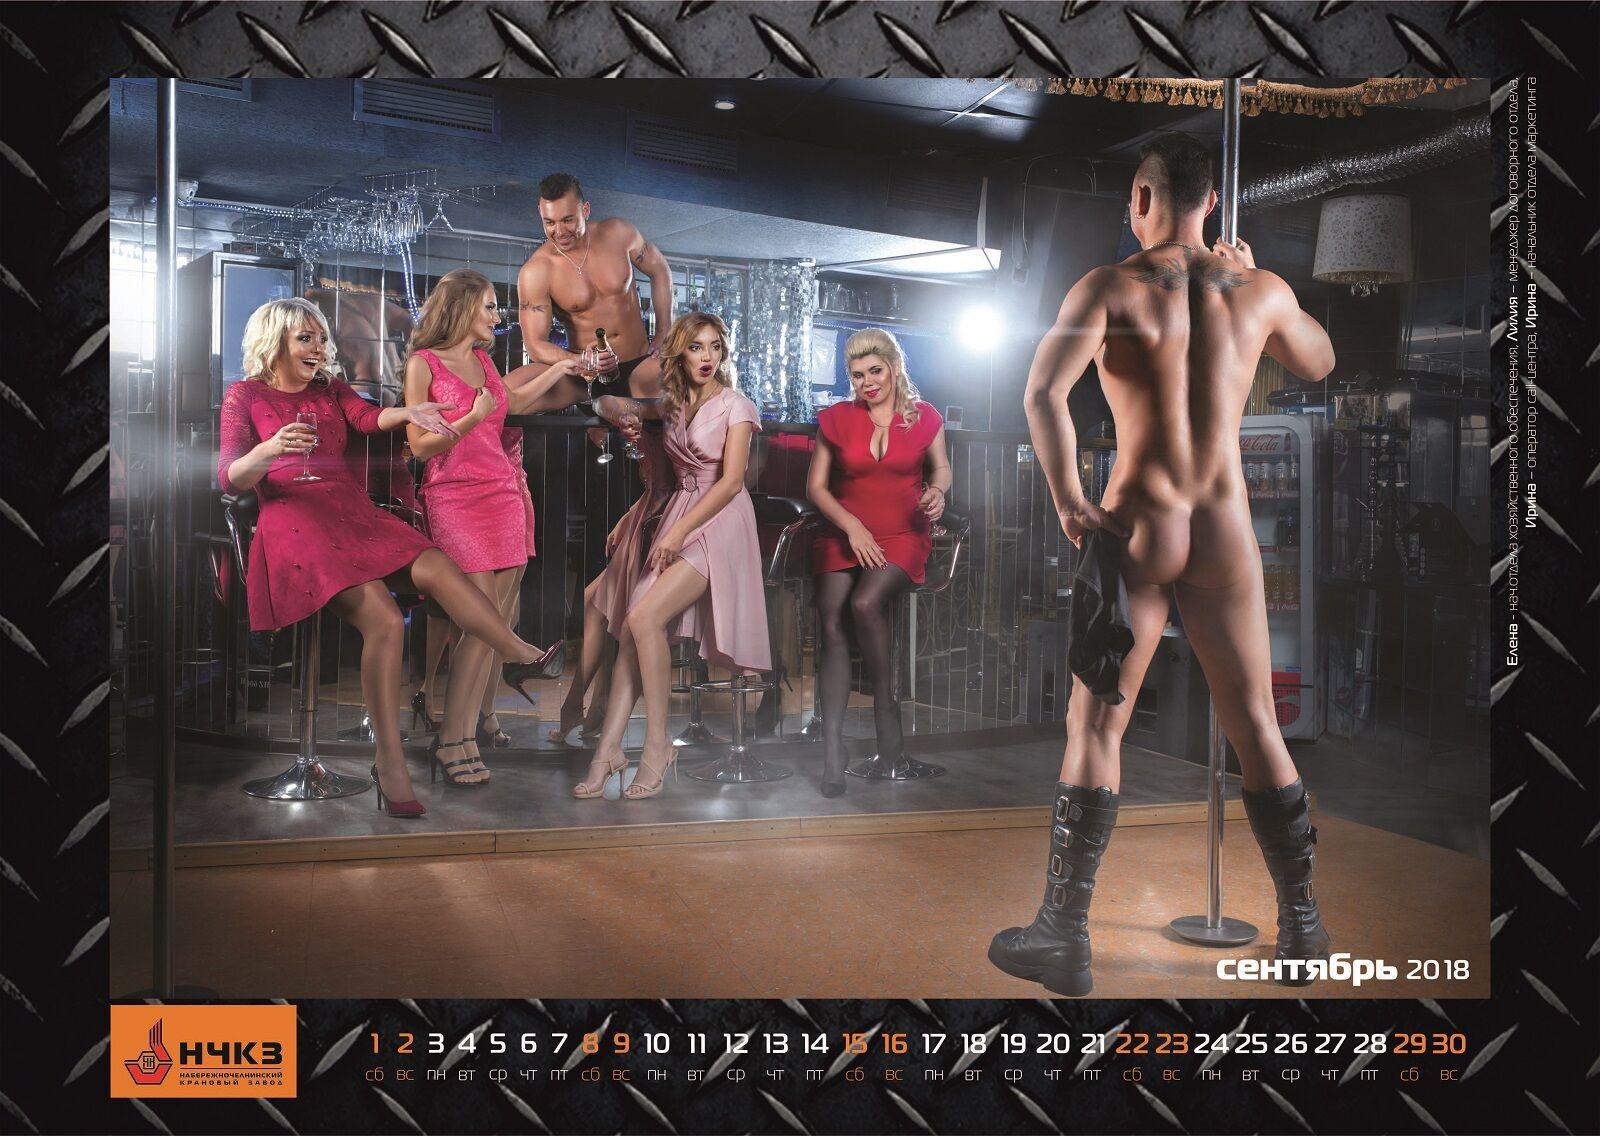 Российский завод раздел сотрудниц для нелепой эротической фотосессии